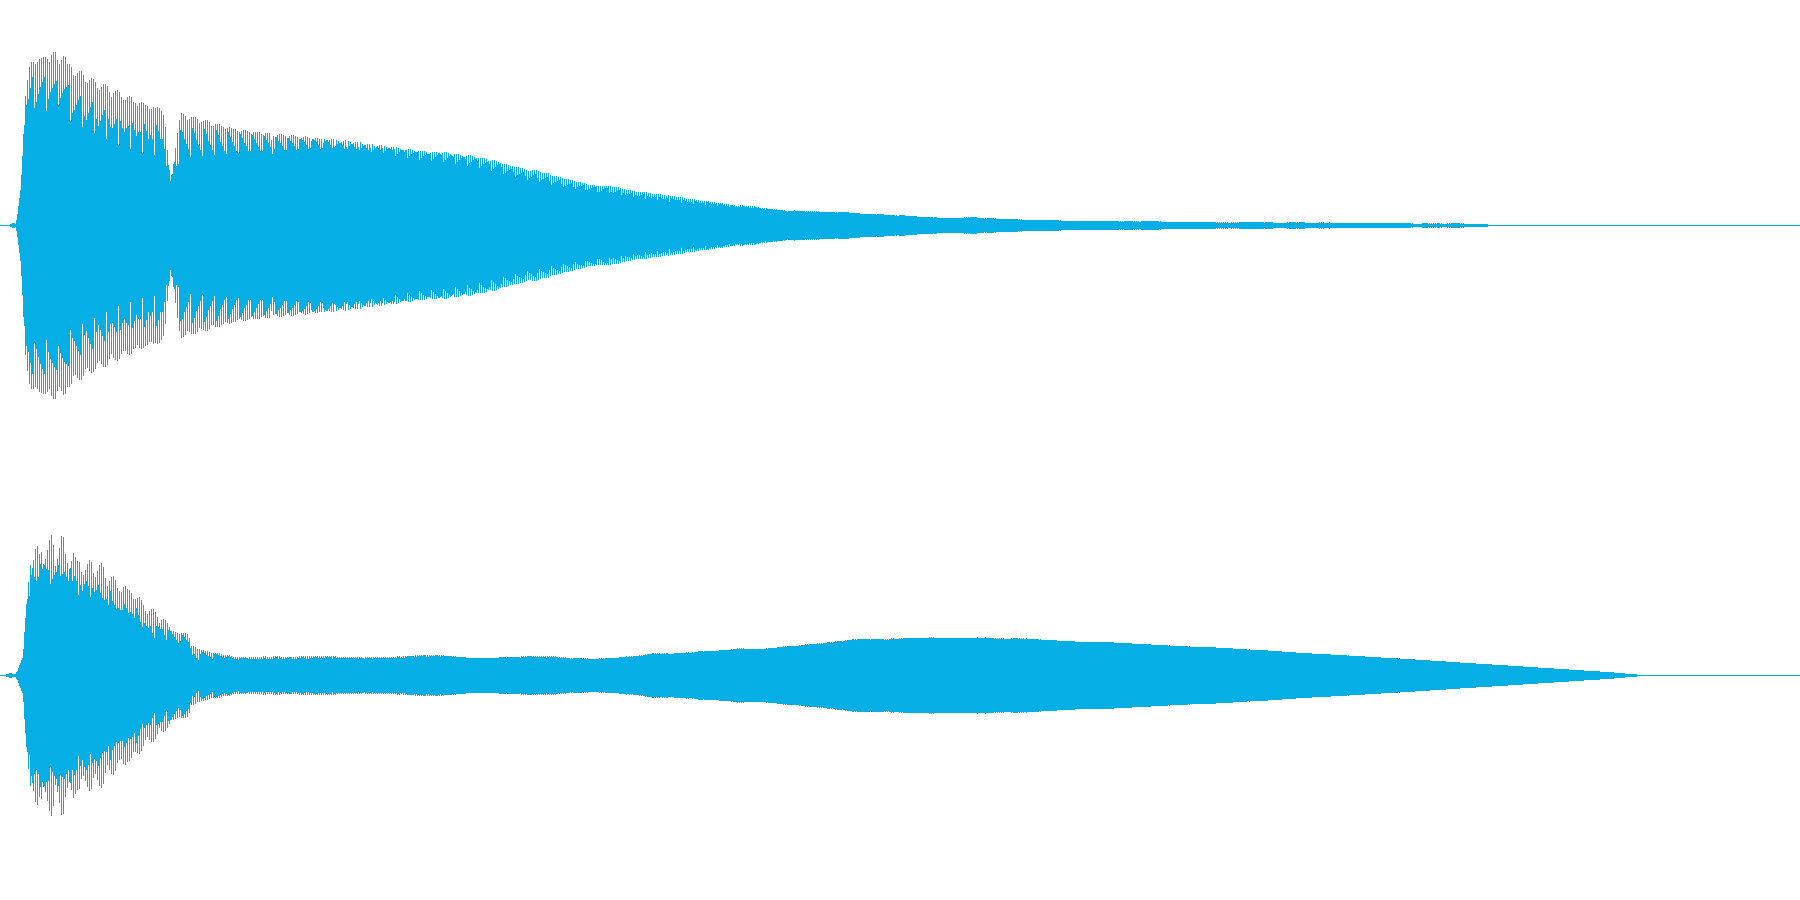 チーン(清涼感のある金属音)の再生済みの波形